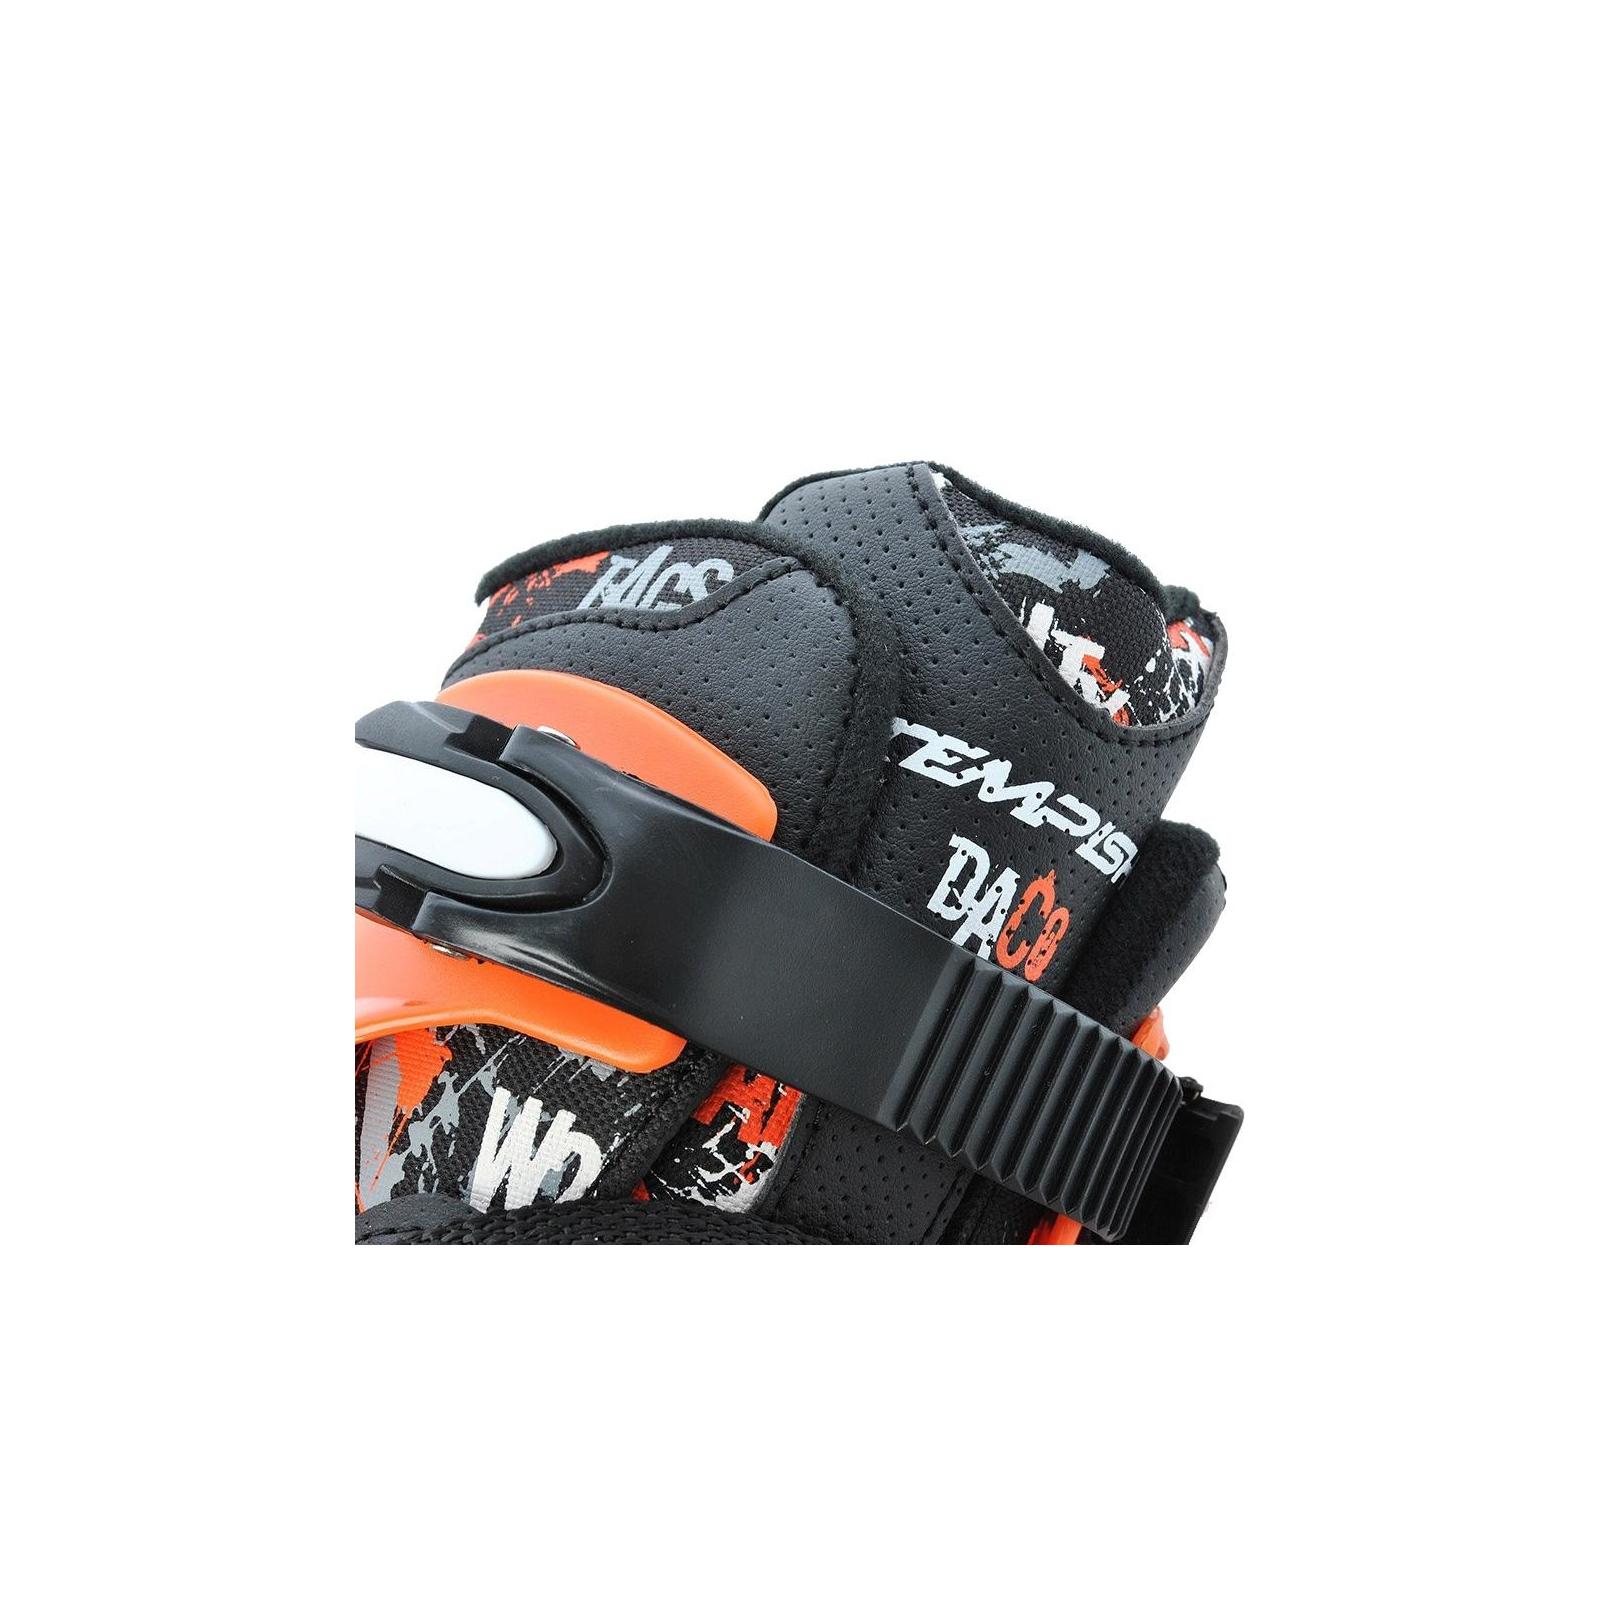 Роликовые коньки Tempish DACO black/37-40 1000027/BLACK/37-40 (1000027/BLACK/37-40) изображение 8